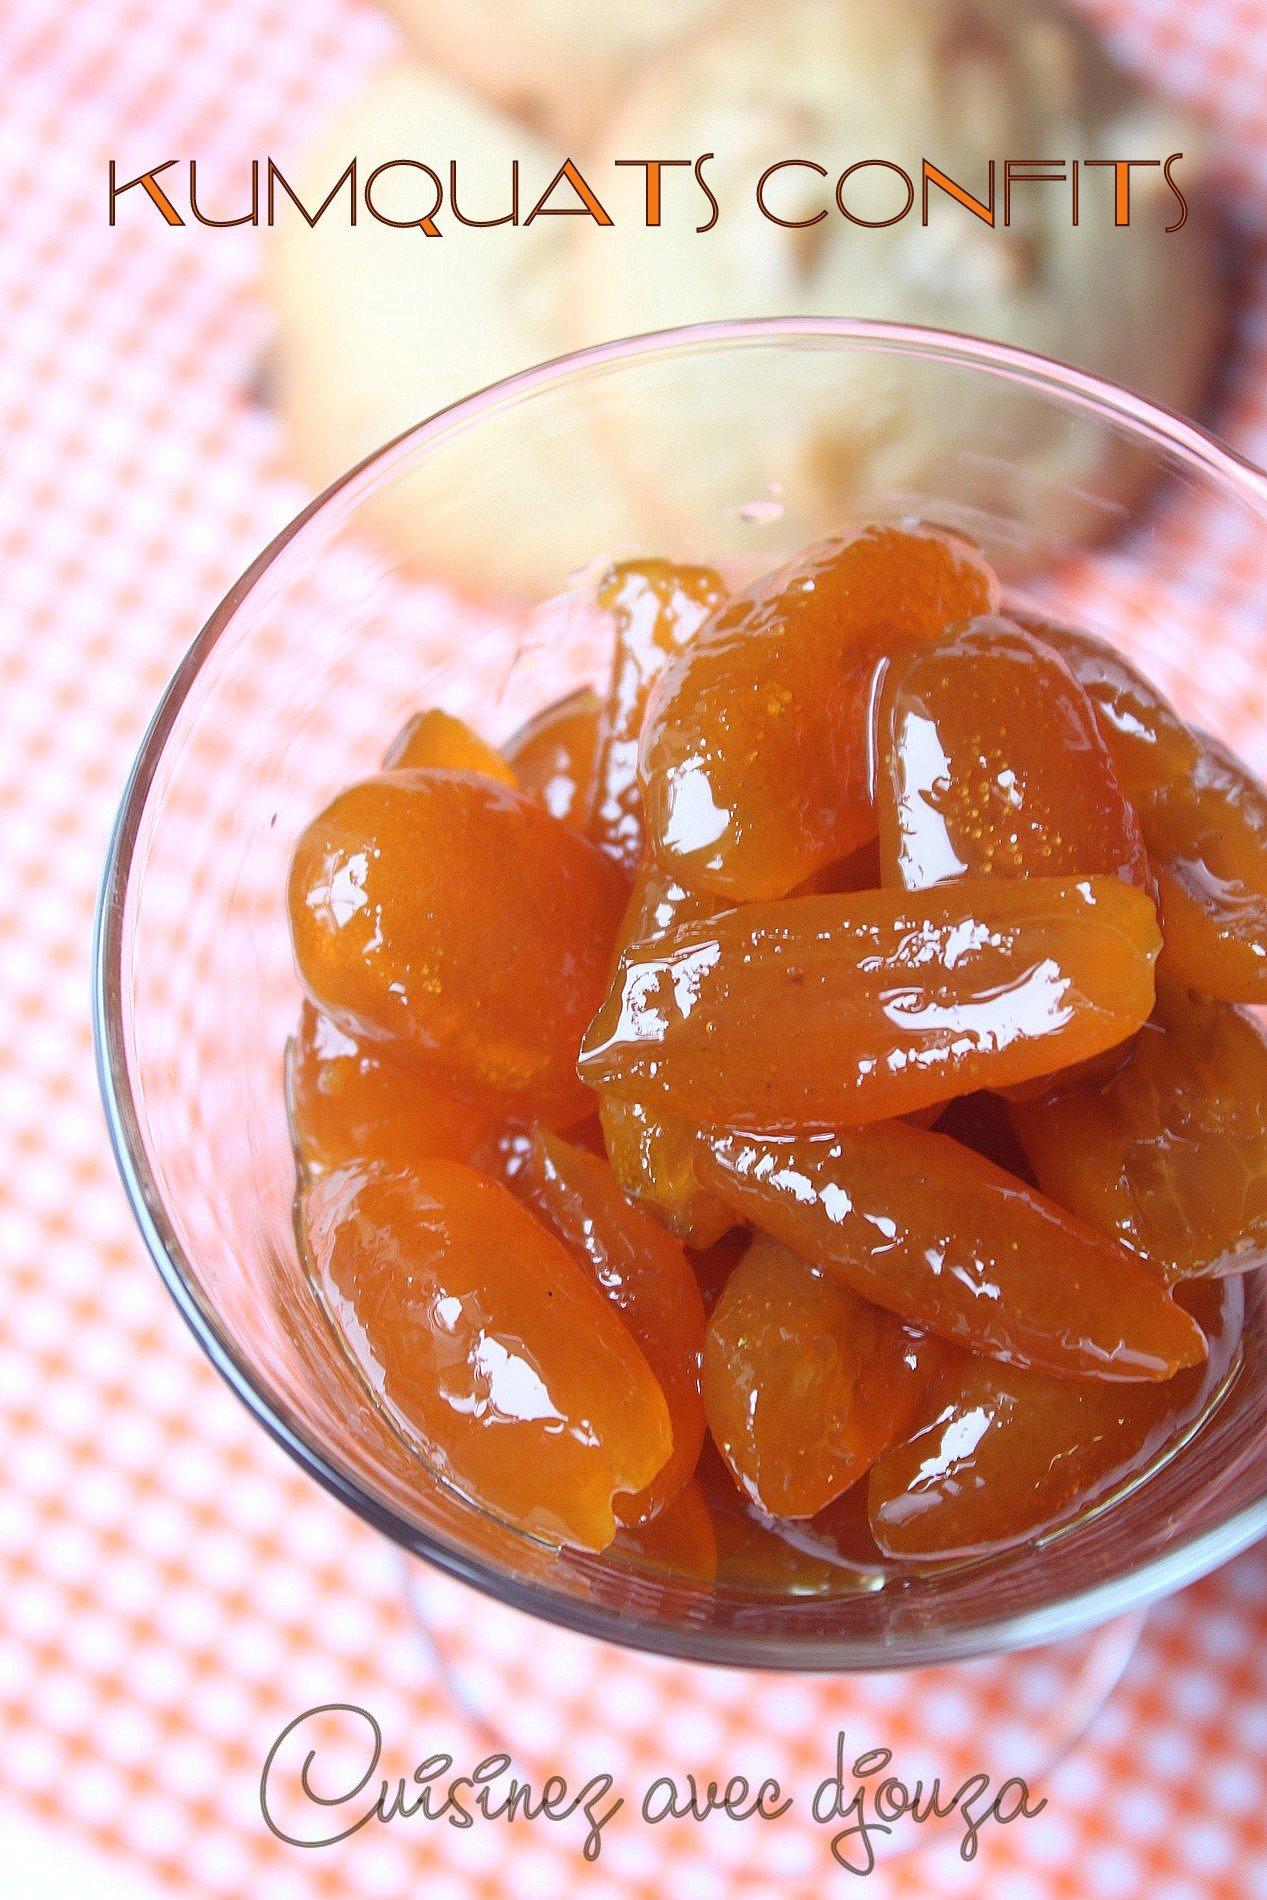 Recette des kumquats confits